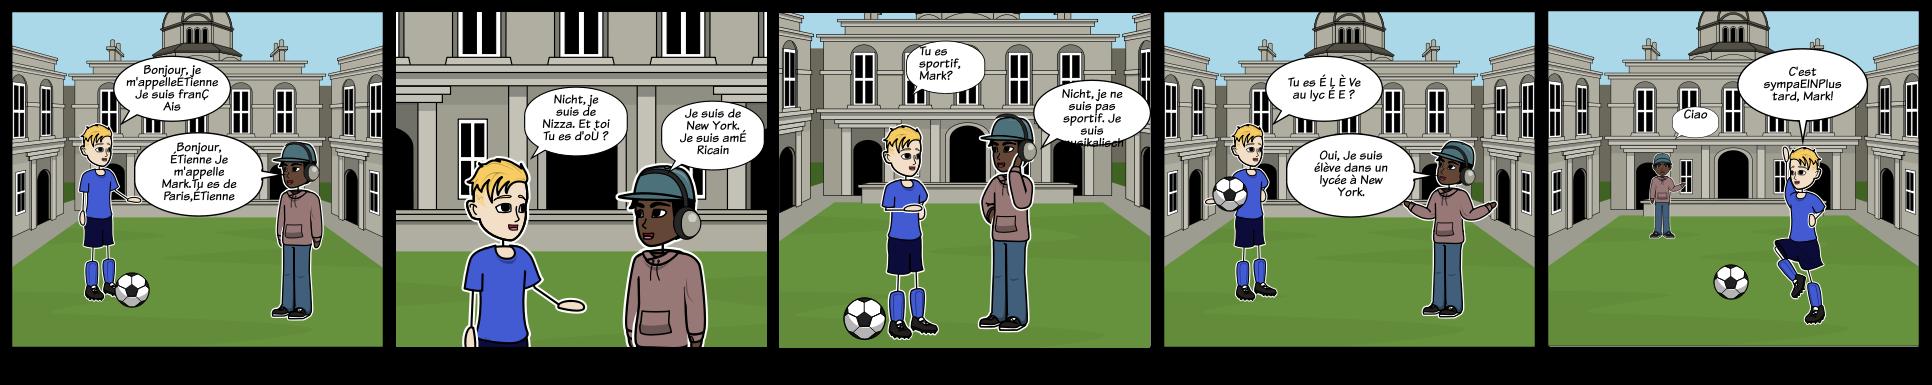 Französisch kennenlernen dialog